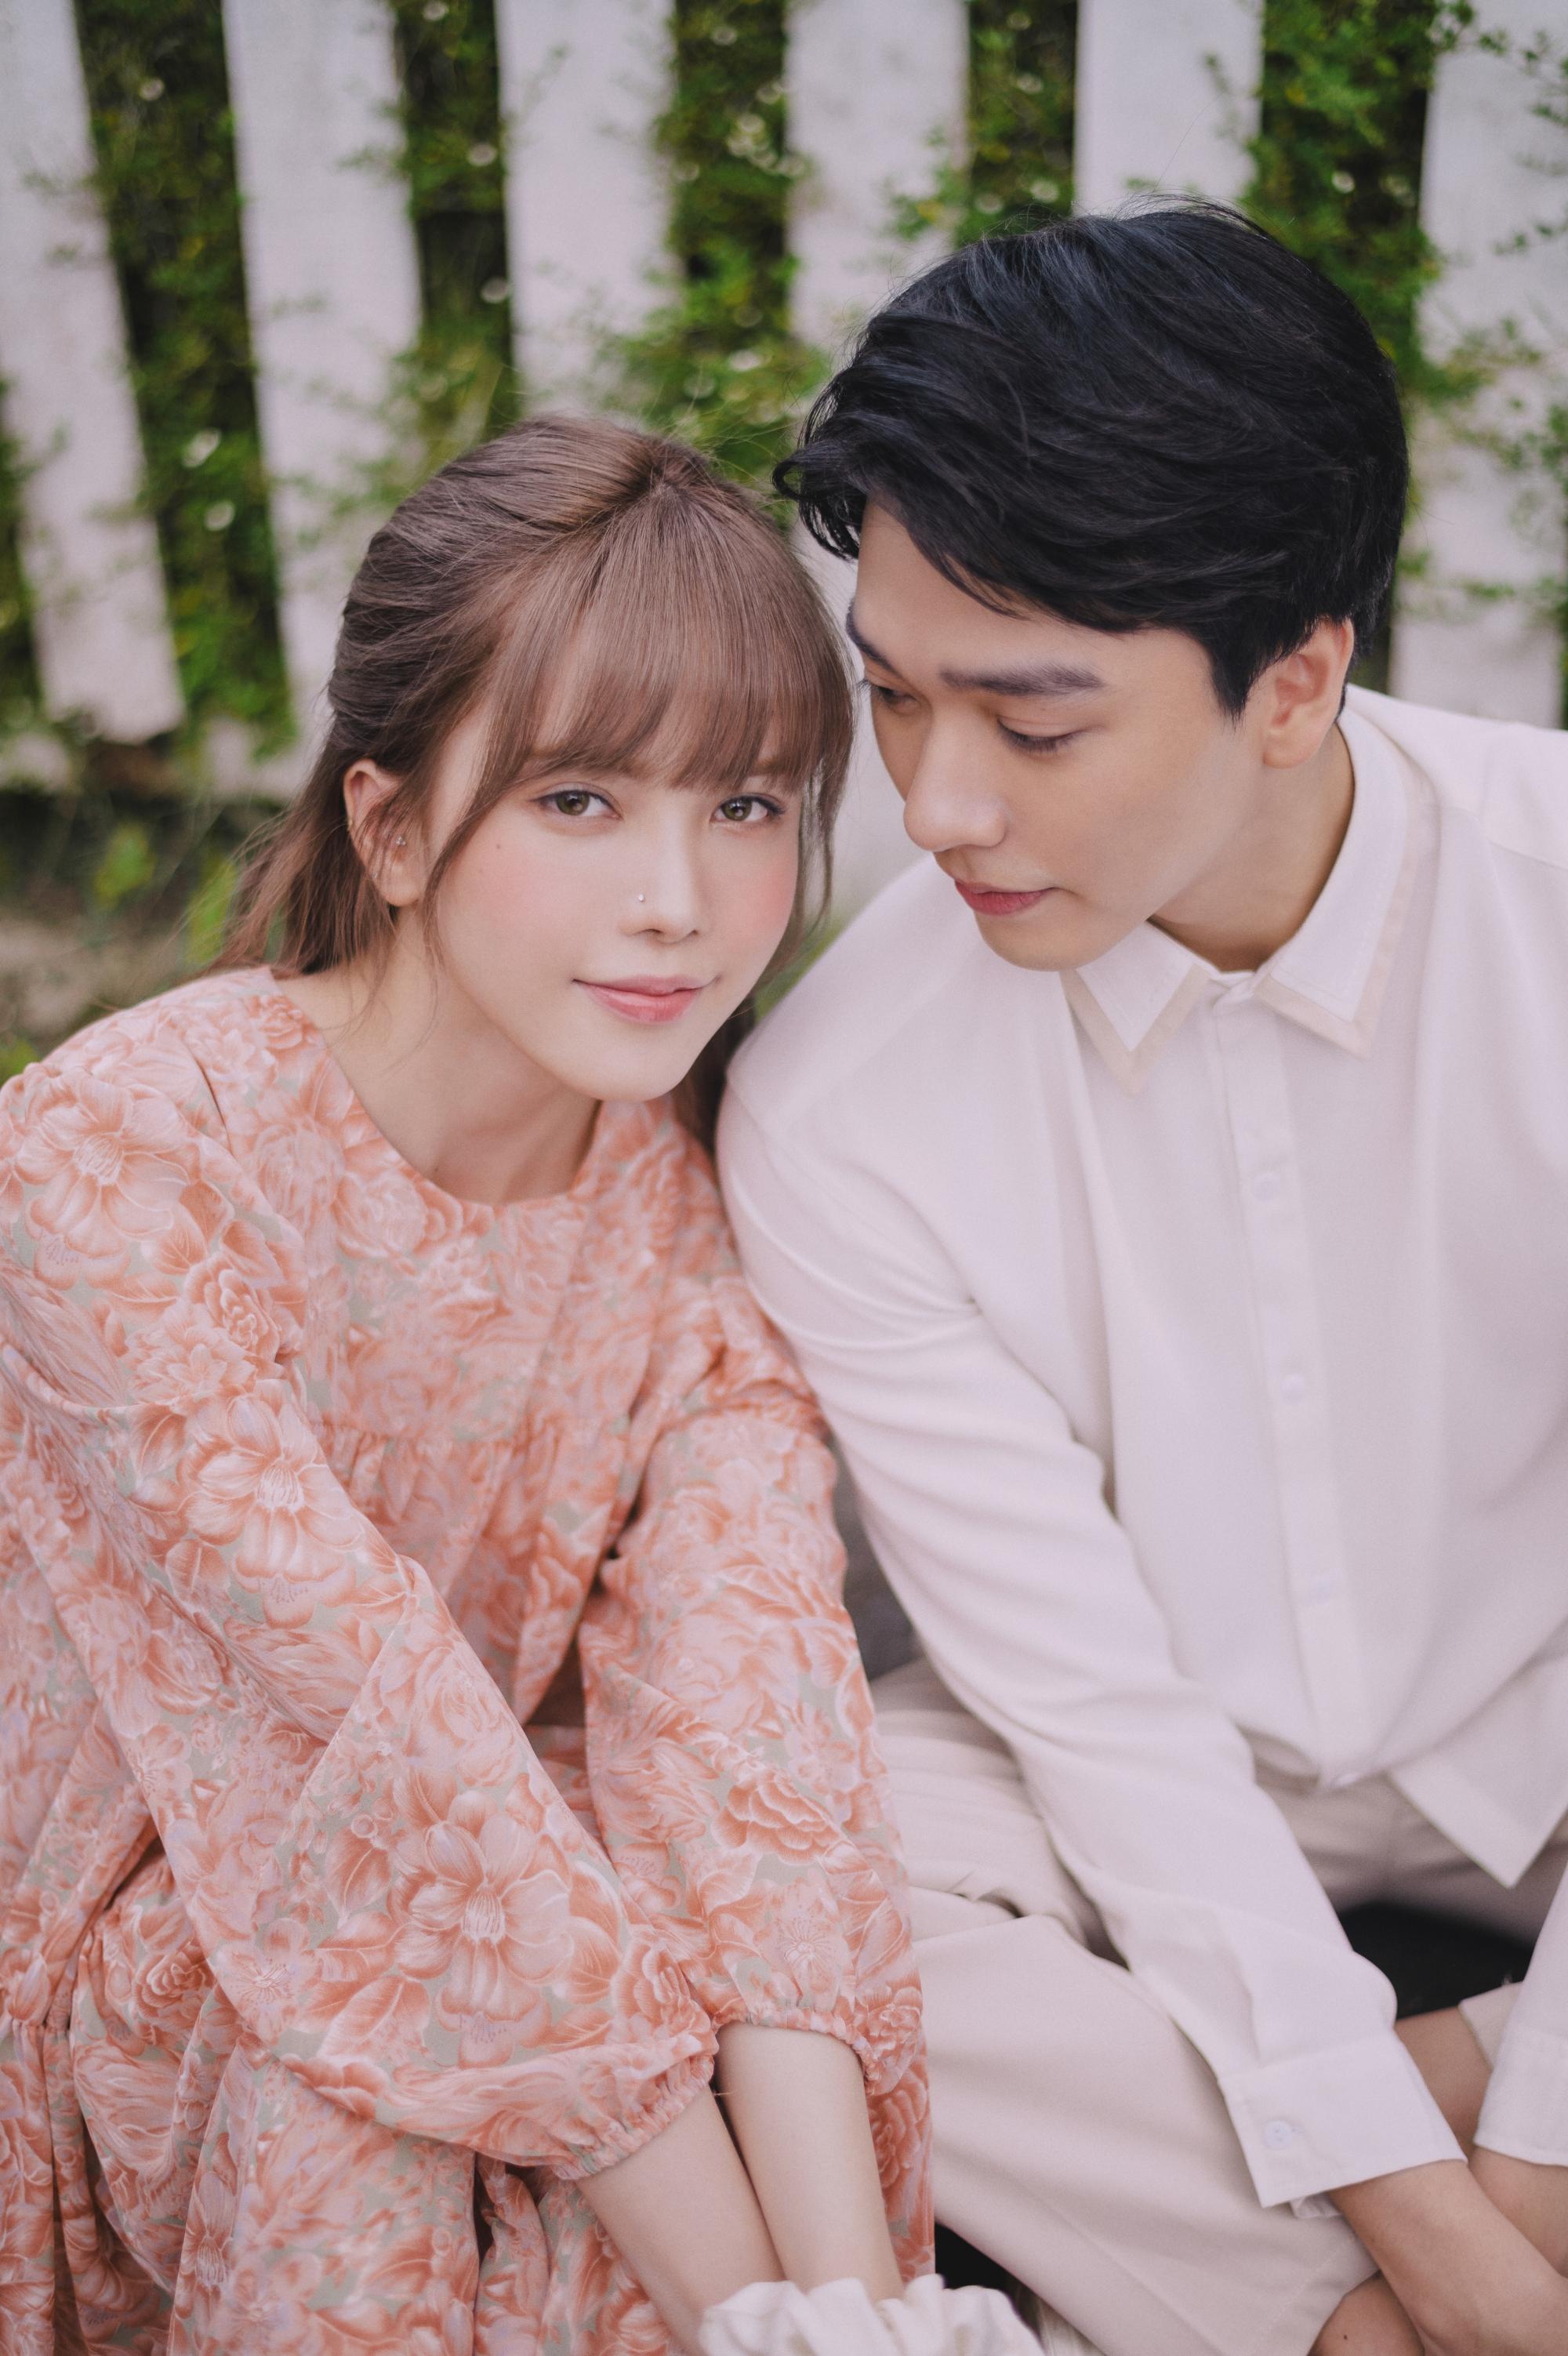 Thiều Bảo Trâm diễn xuất cùng trai đẹp trong MV.